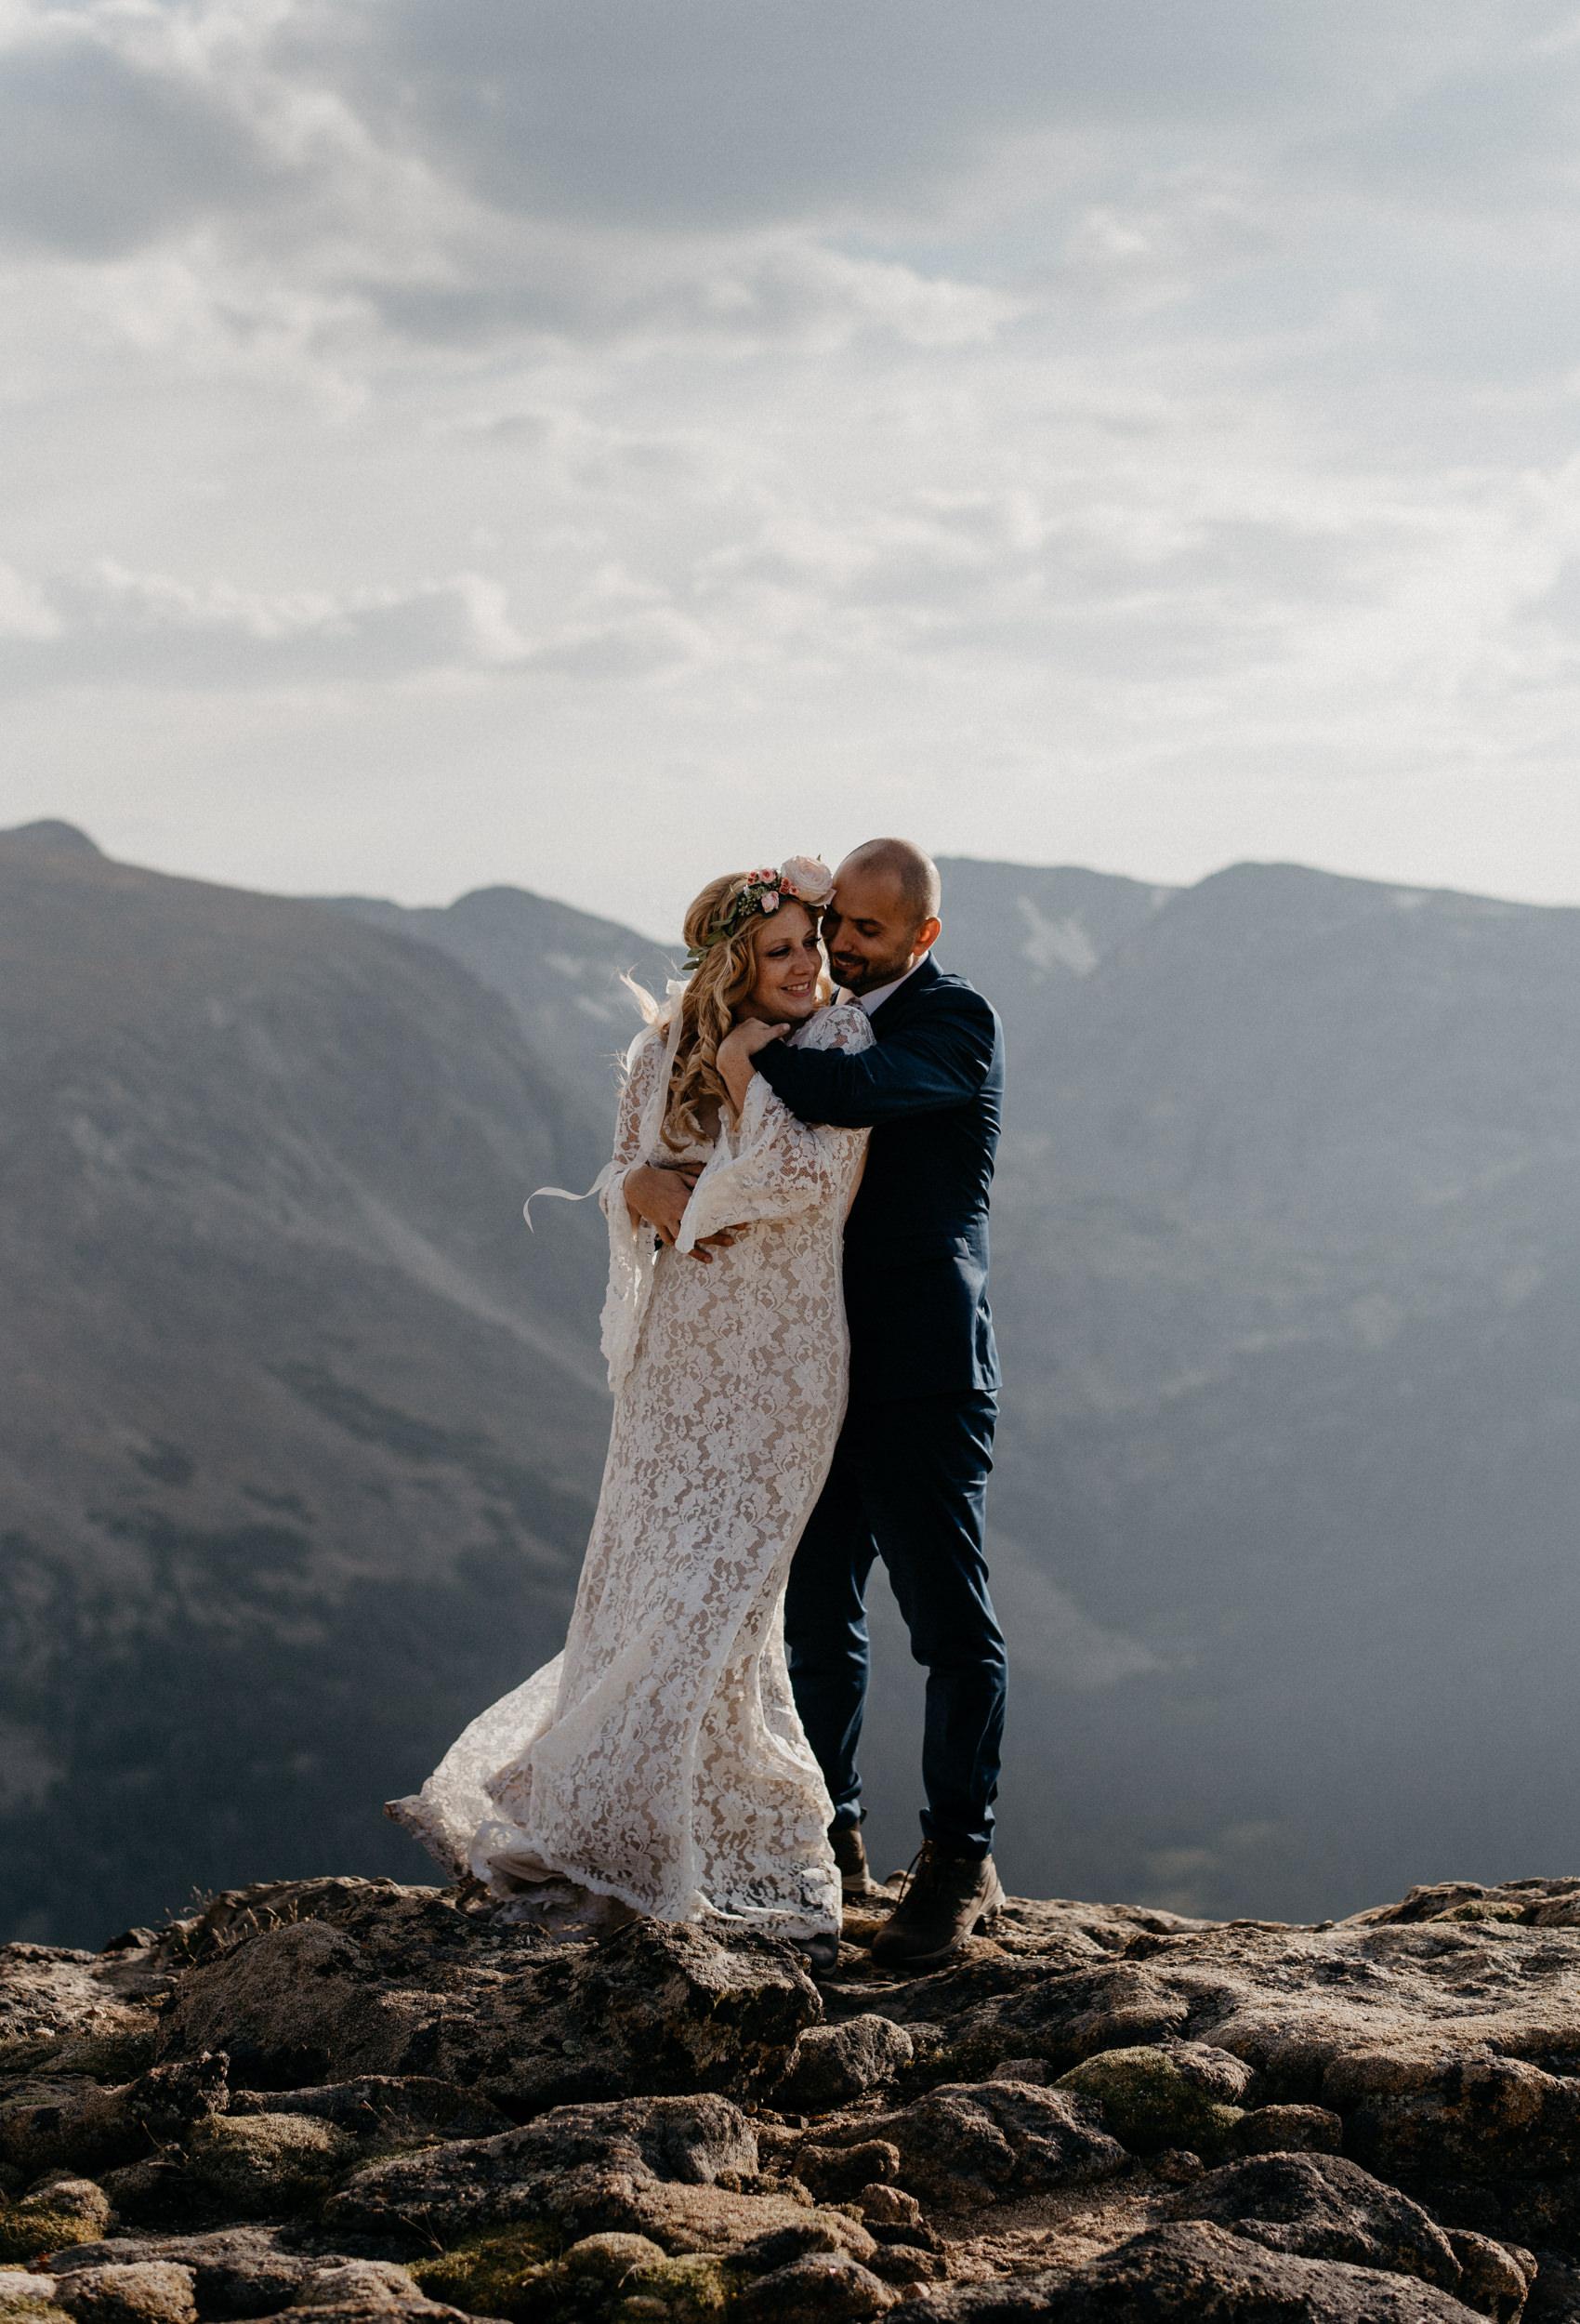 Denver, Colorado based elopement photographer. Mountain wedding photographer. Rocky Mountain National Park adventure wedding.